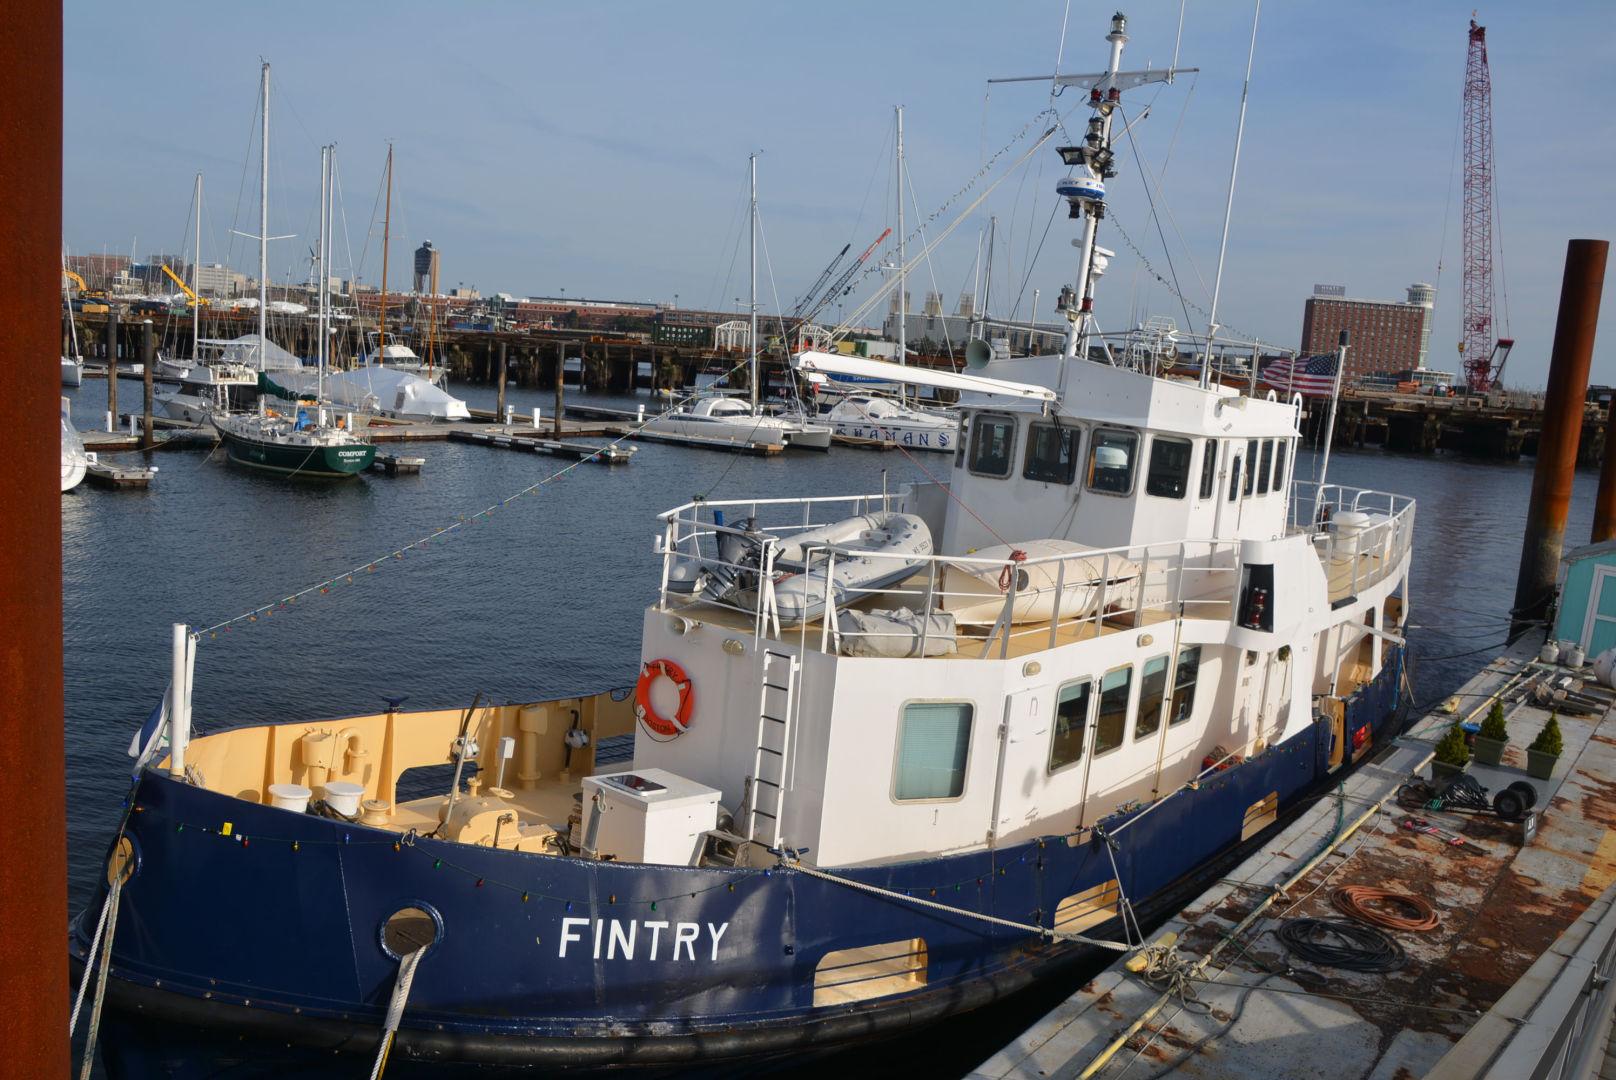 Custom-Converted Royal Navy Fleet Tender 1972-Fintry Boston-Massachusetts-United States-1587025 | Thumbnail